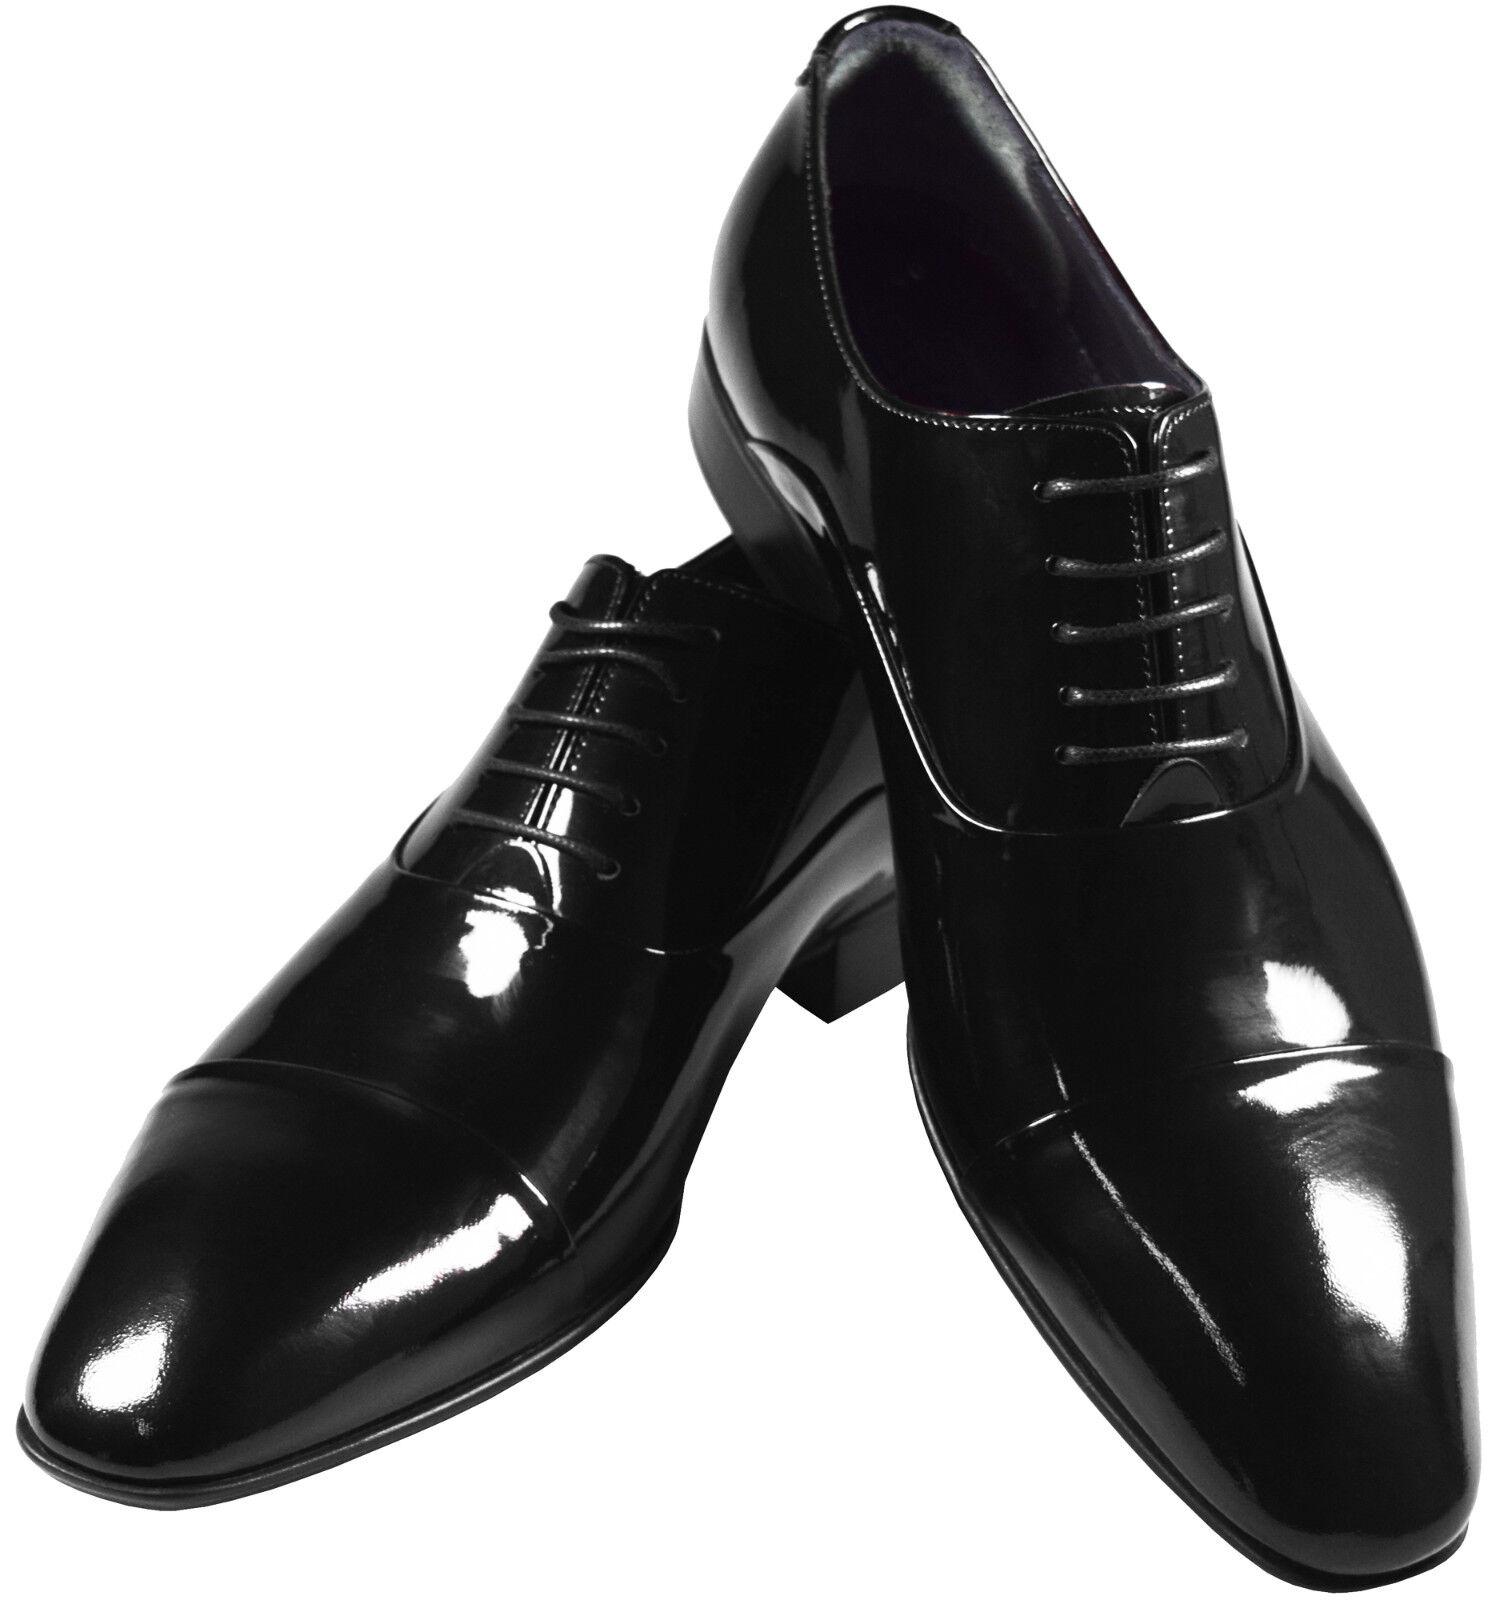 Pablo Cassini uomo tuxedo scarpe Oxford Patent Leather Wedding scarpe 342-nero